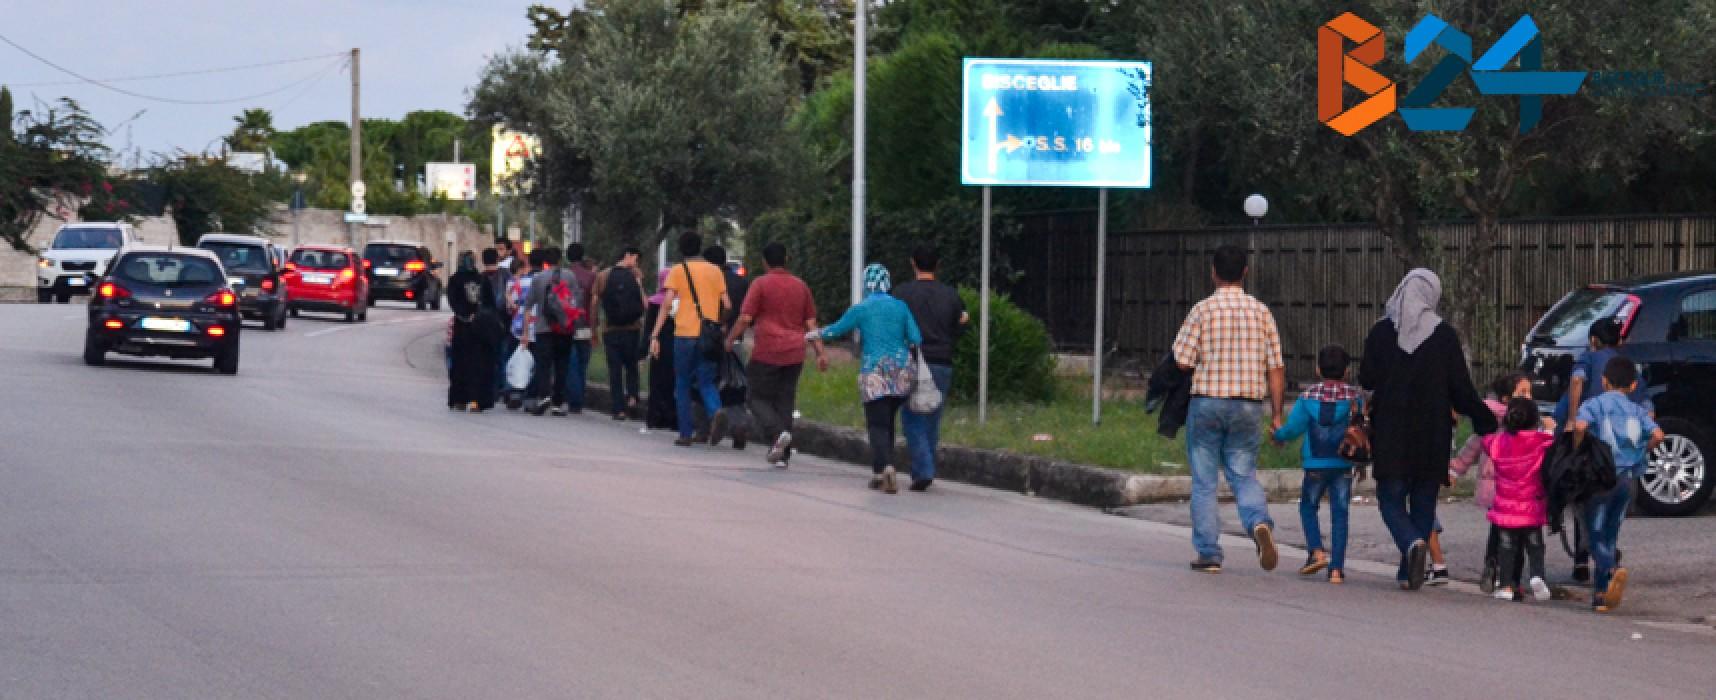 """""""Etnie"""" scrive al prefetto e chiede un tavolo di governance regionale sulla questione dei profughi"""